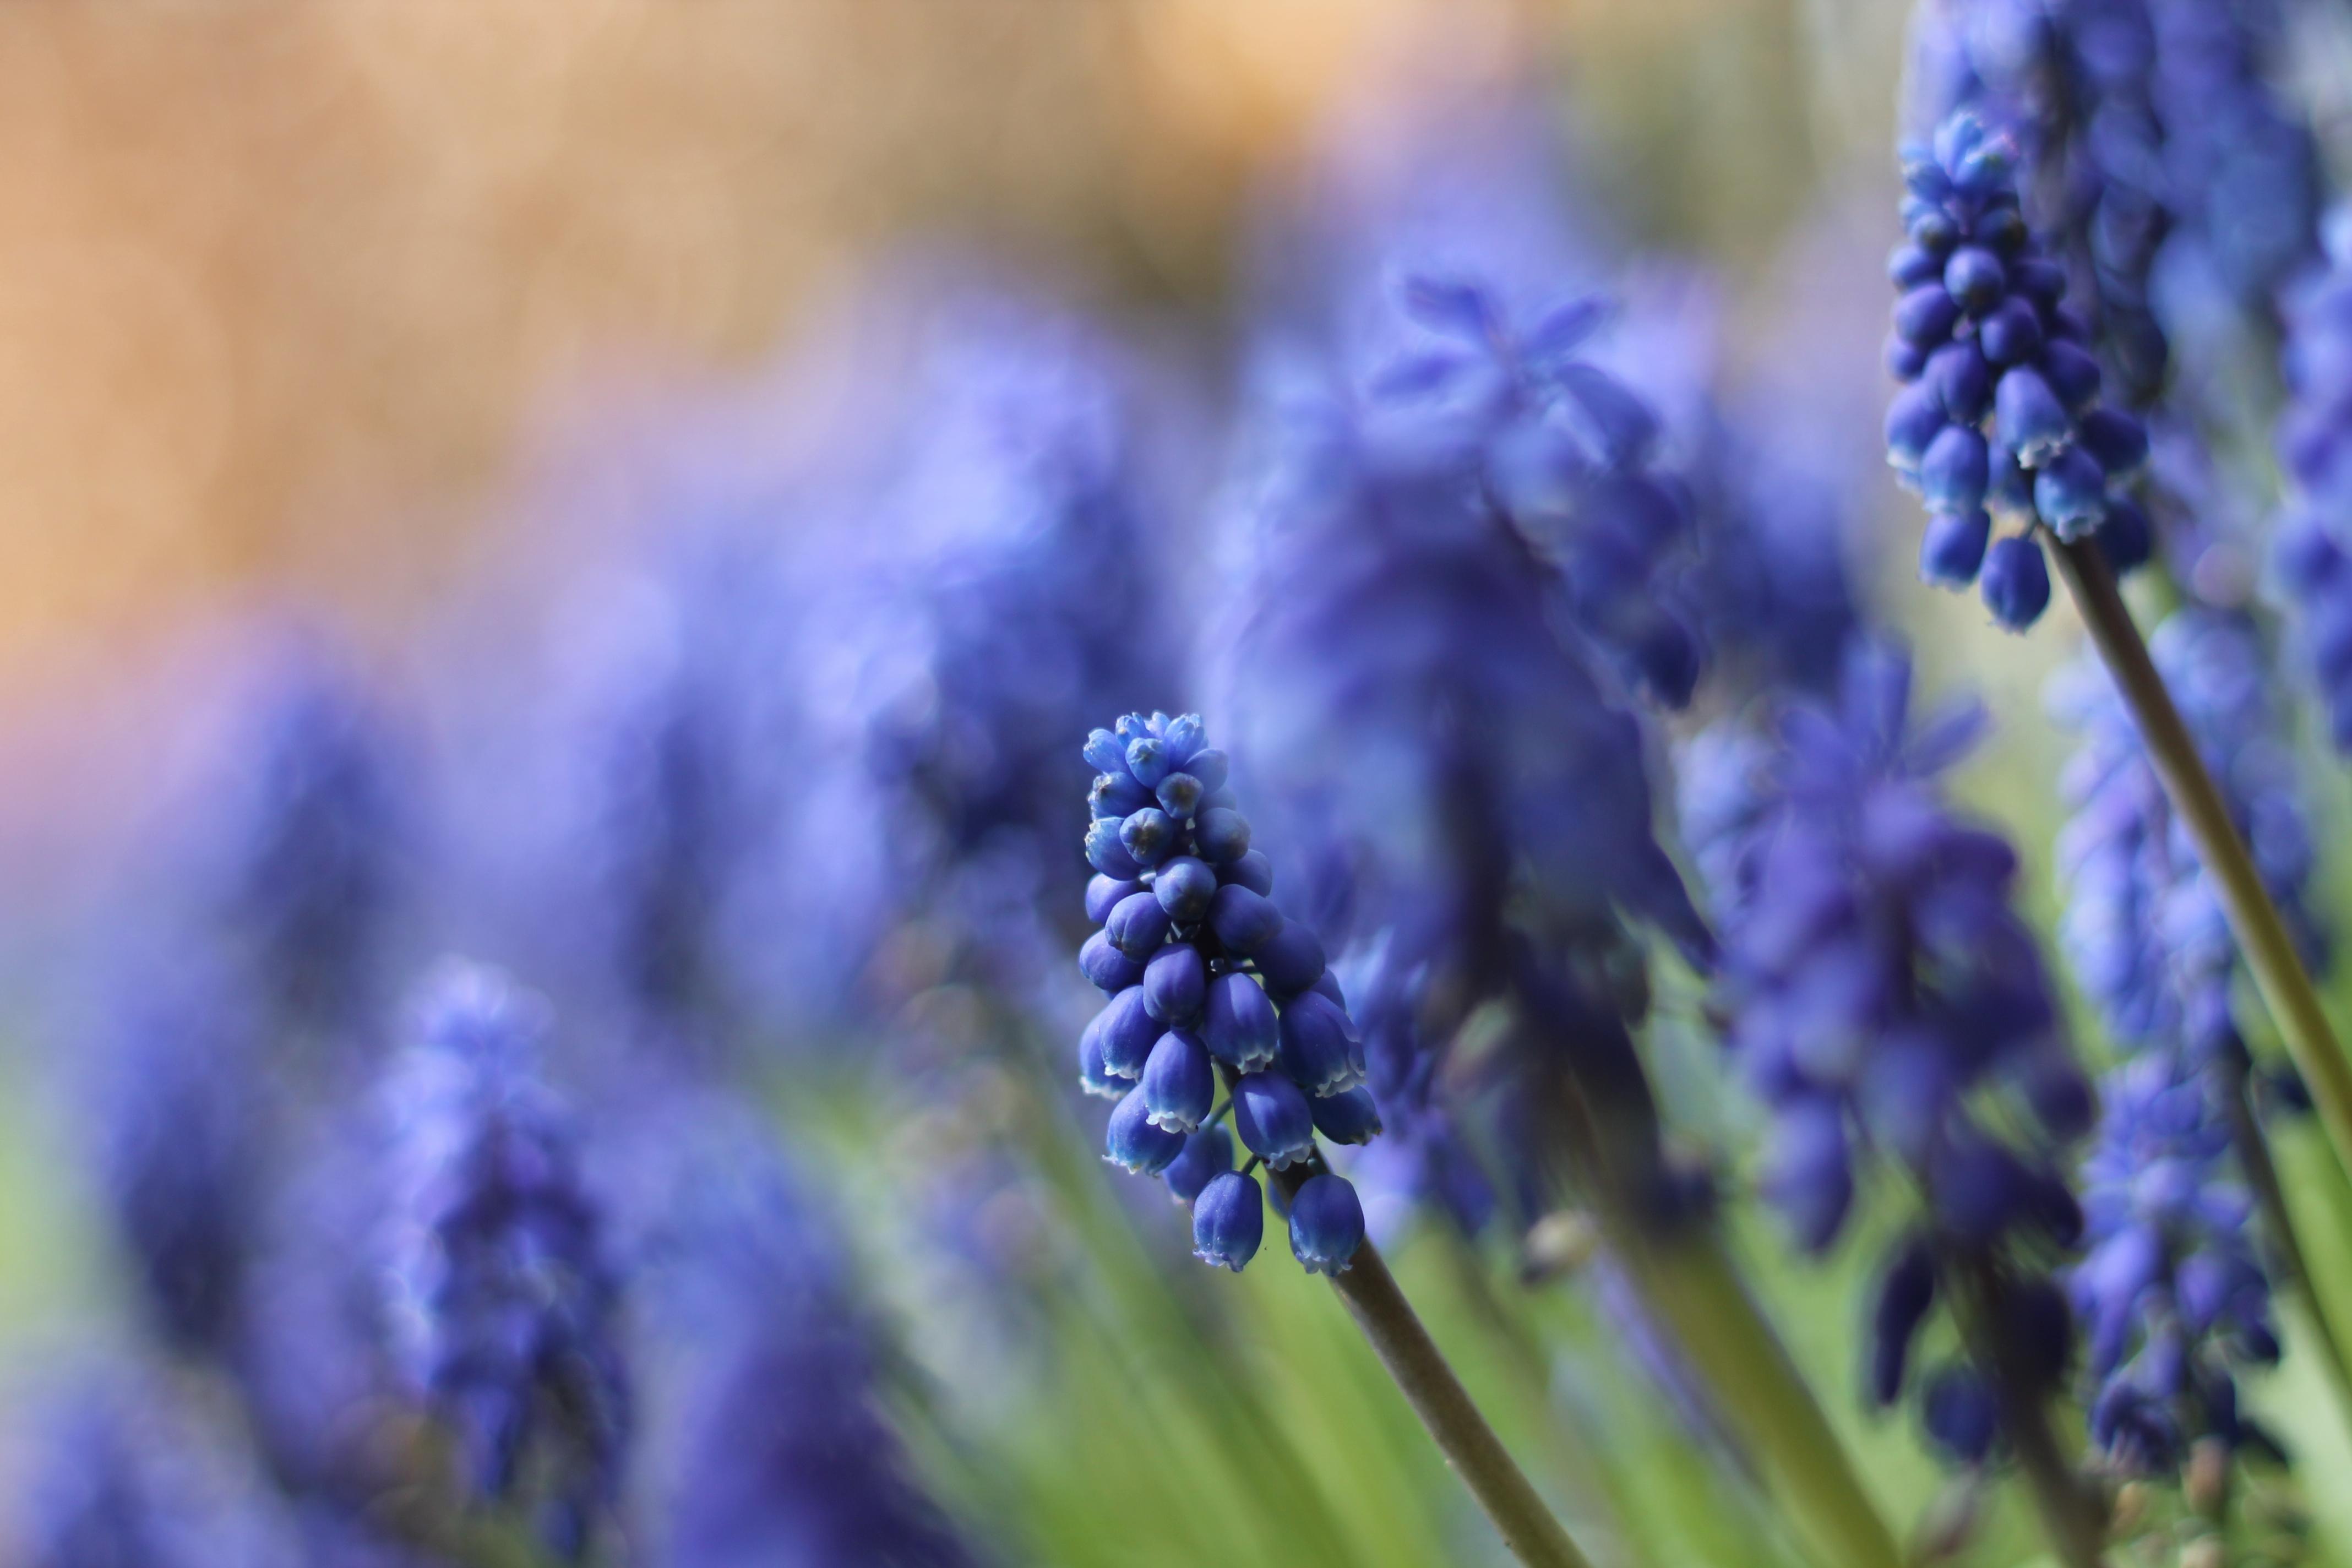 природа синие цветы nature blue flowers  № 1376466 загрузить